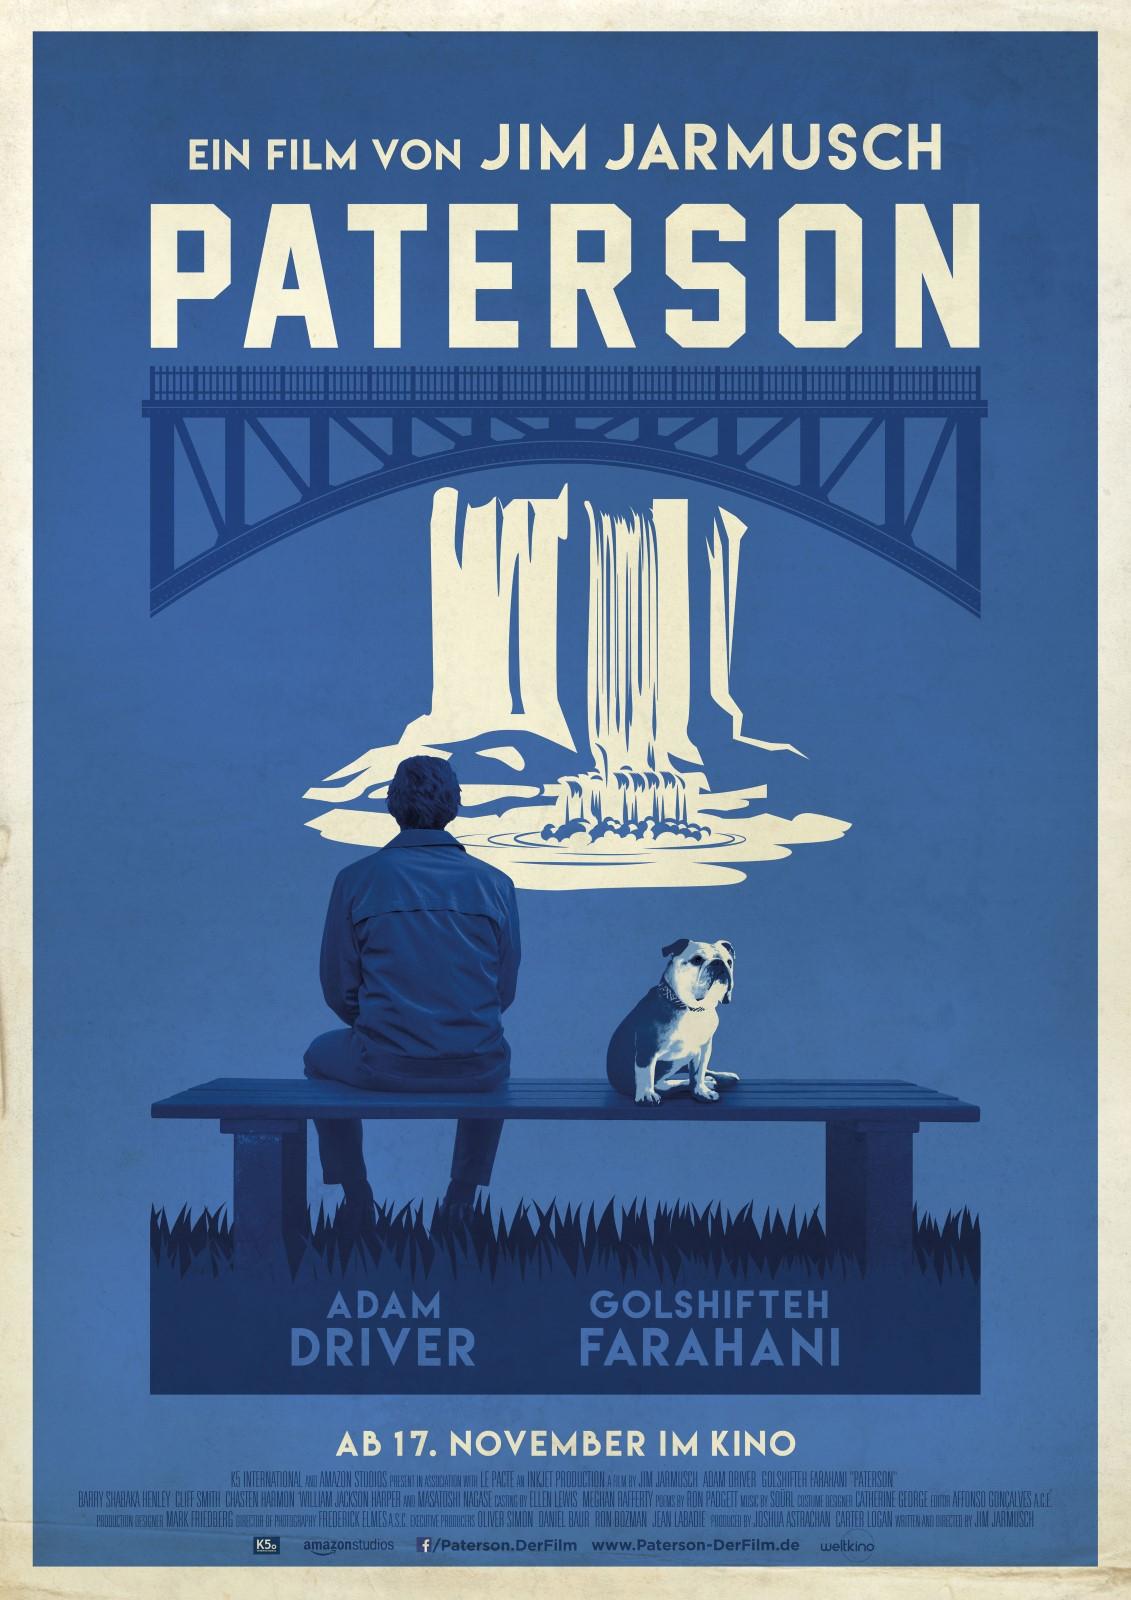 Paterson von Jim Jarmusch kostenlos als Stream und Download